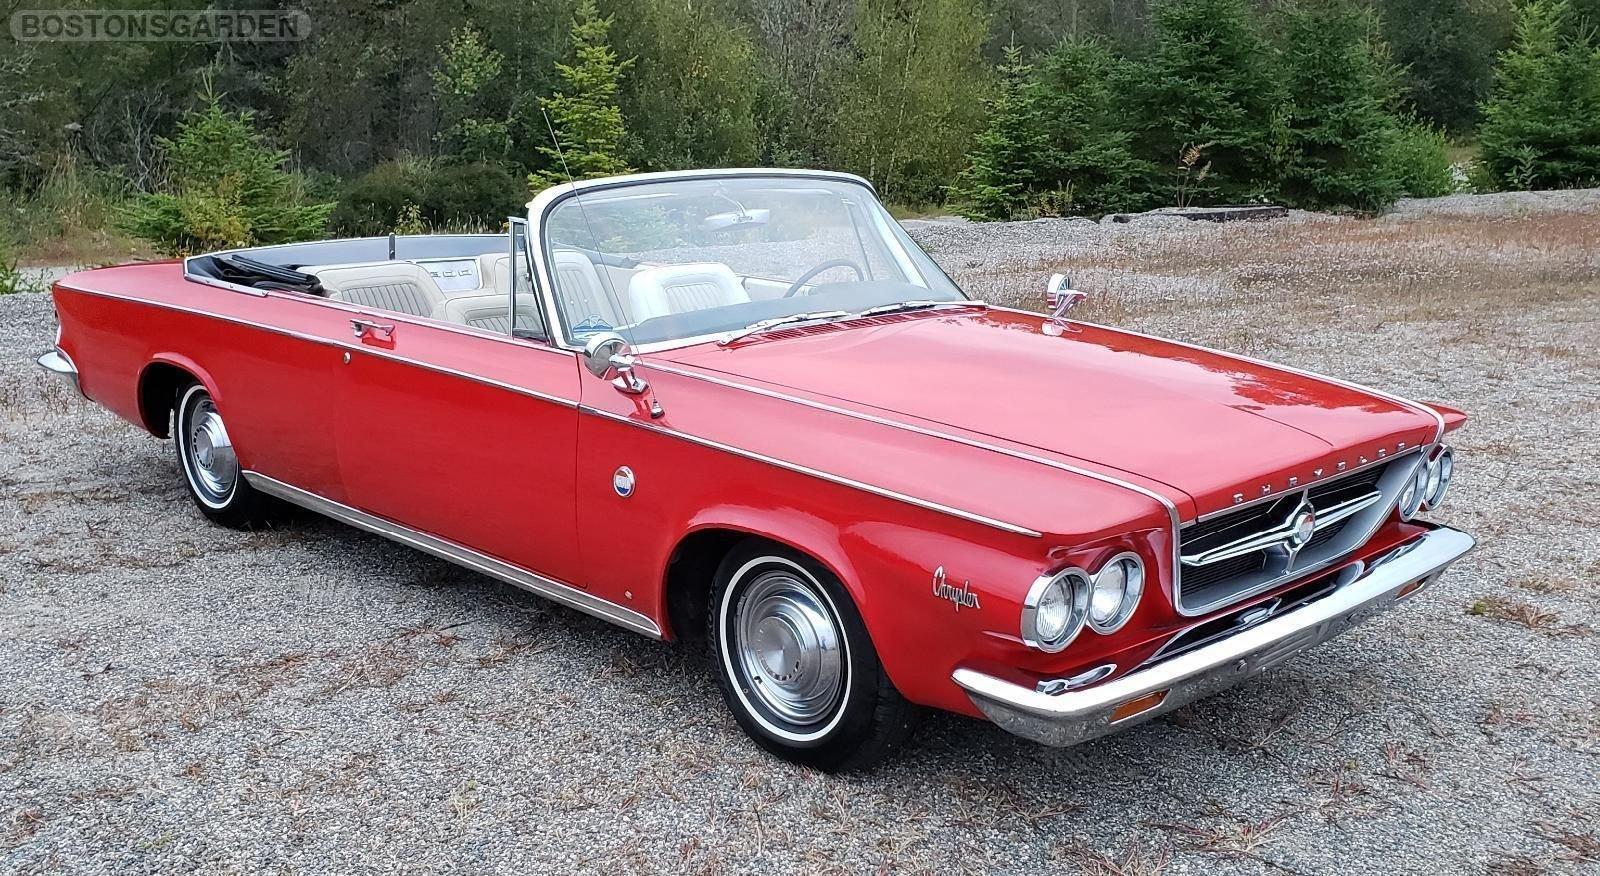 1963 Chrysler 300 Series 2 Door Convertible